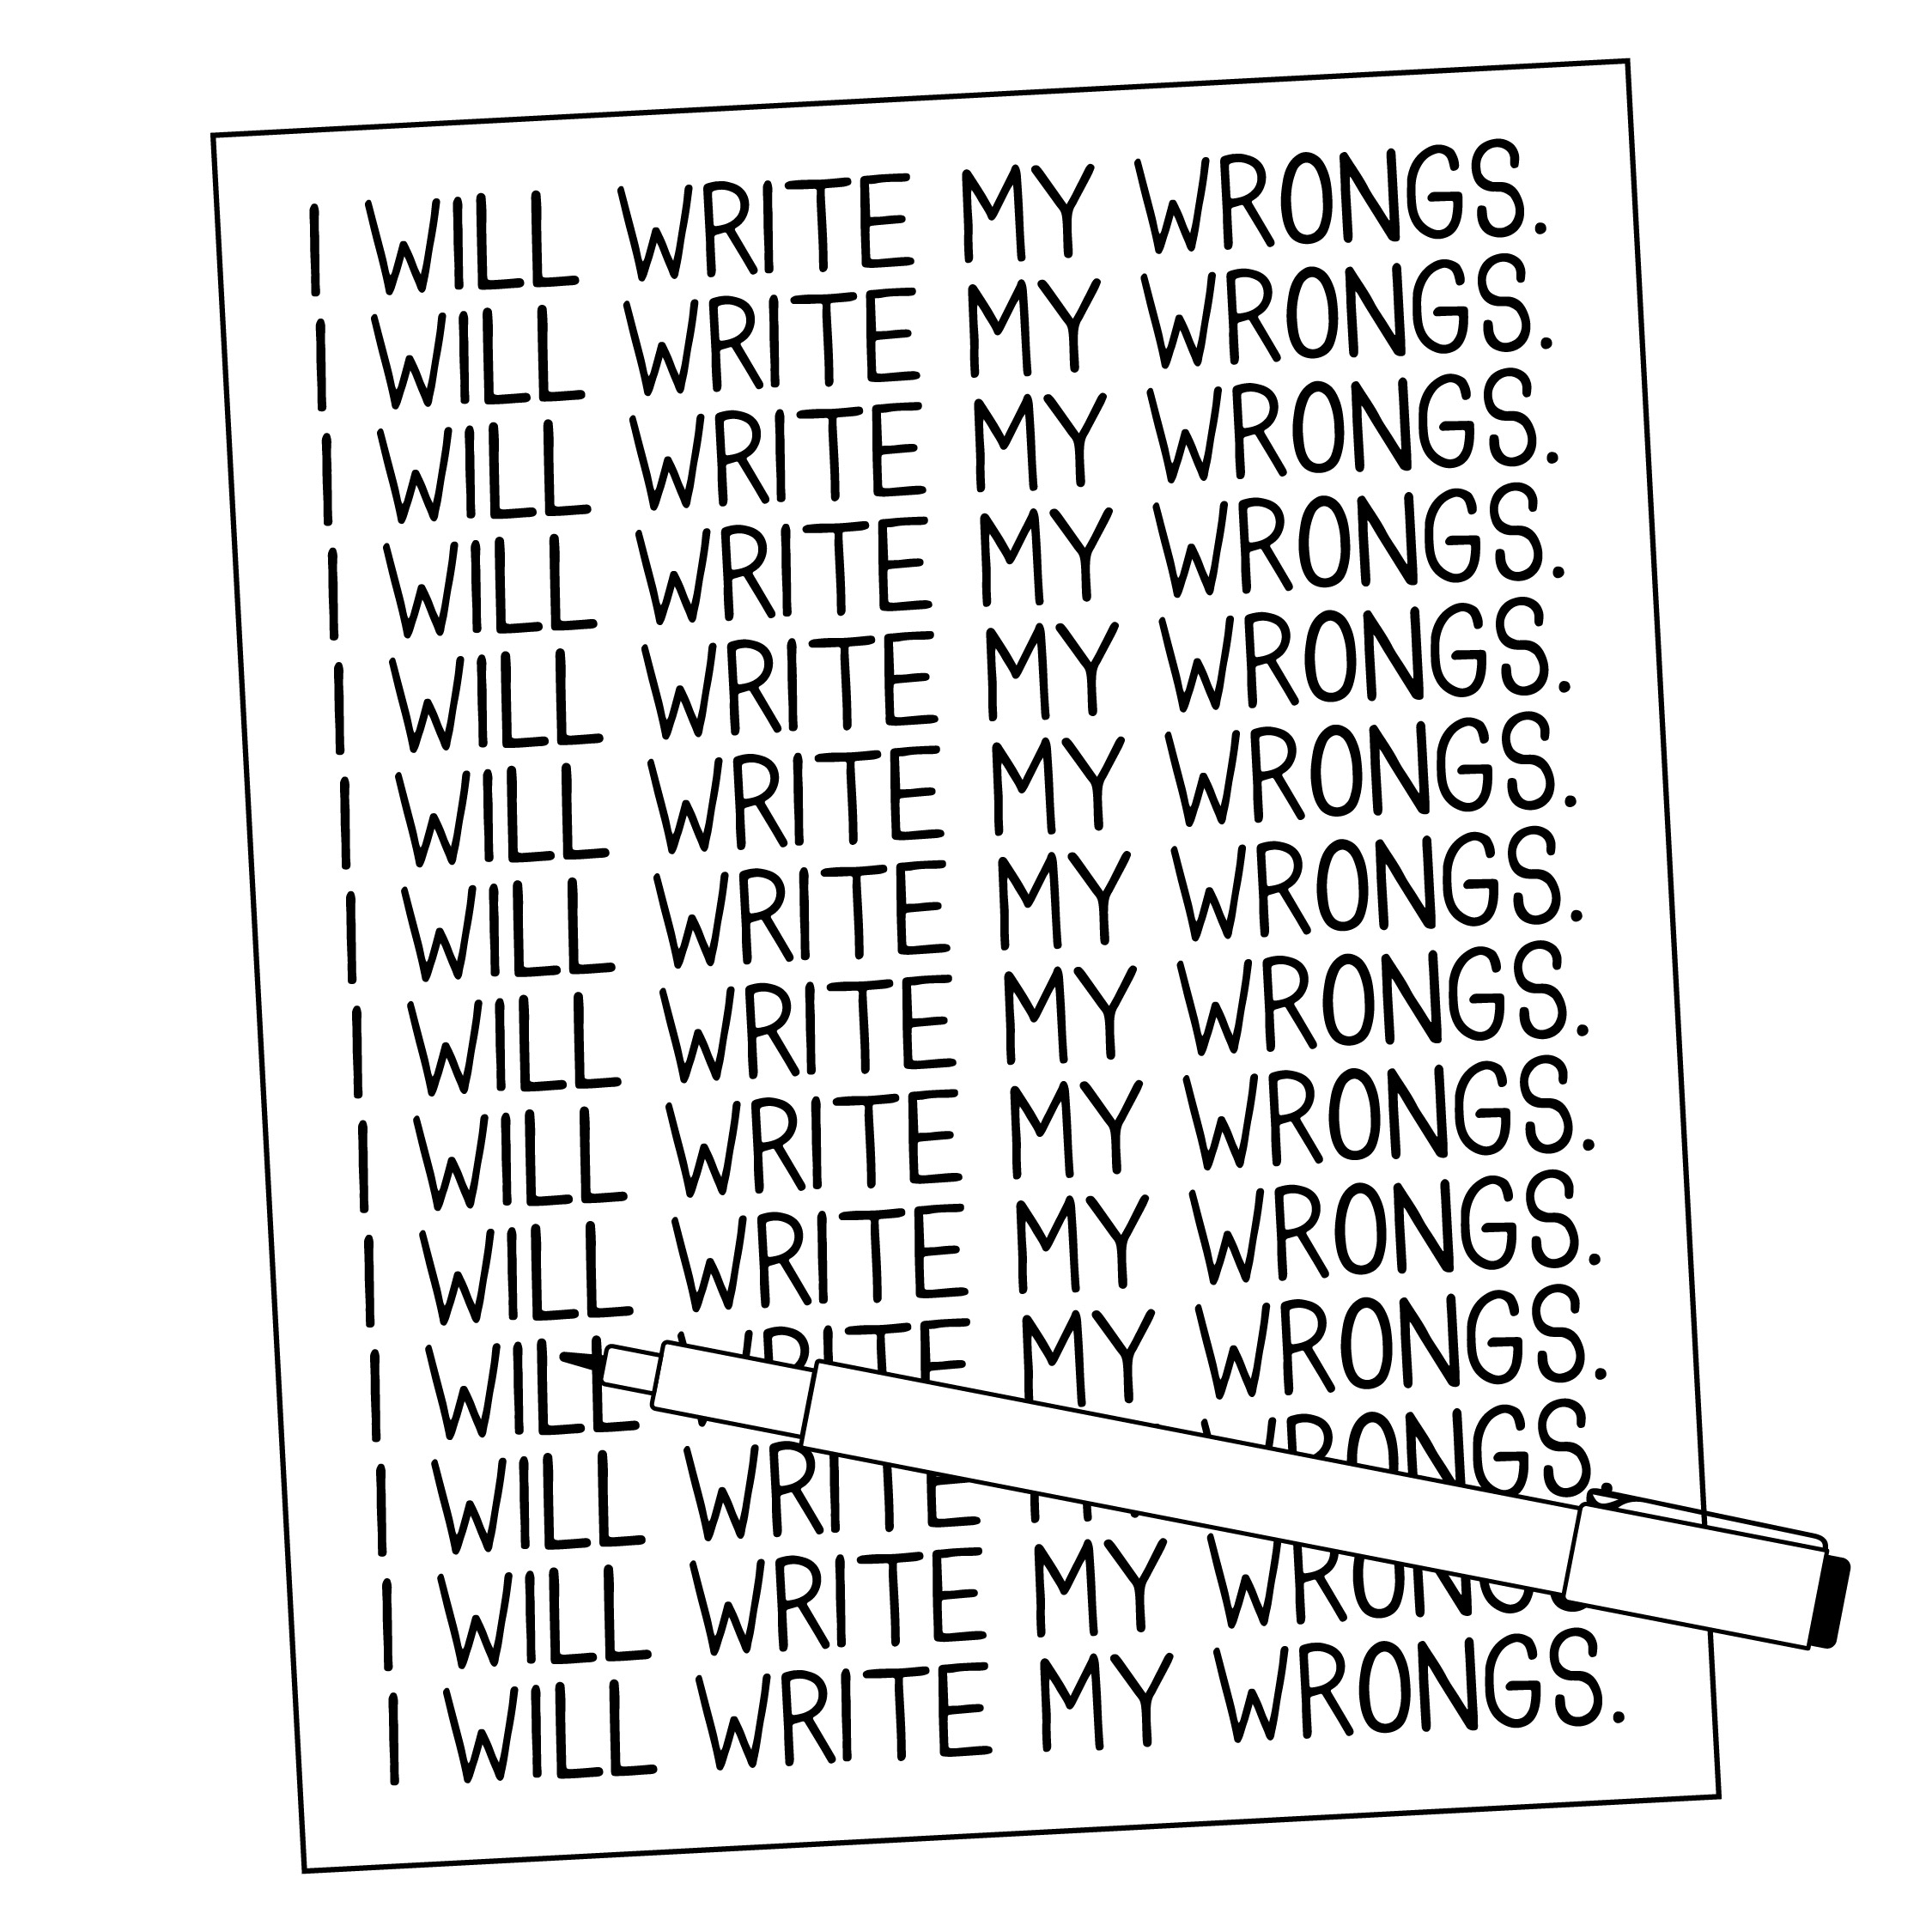 writemywrongs-01.jpg